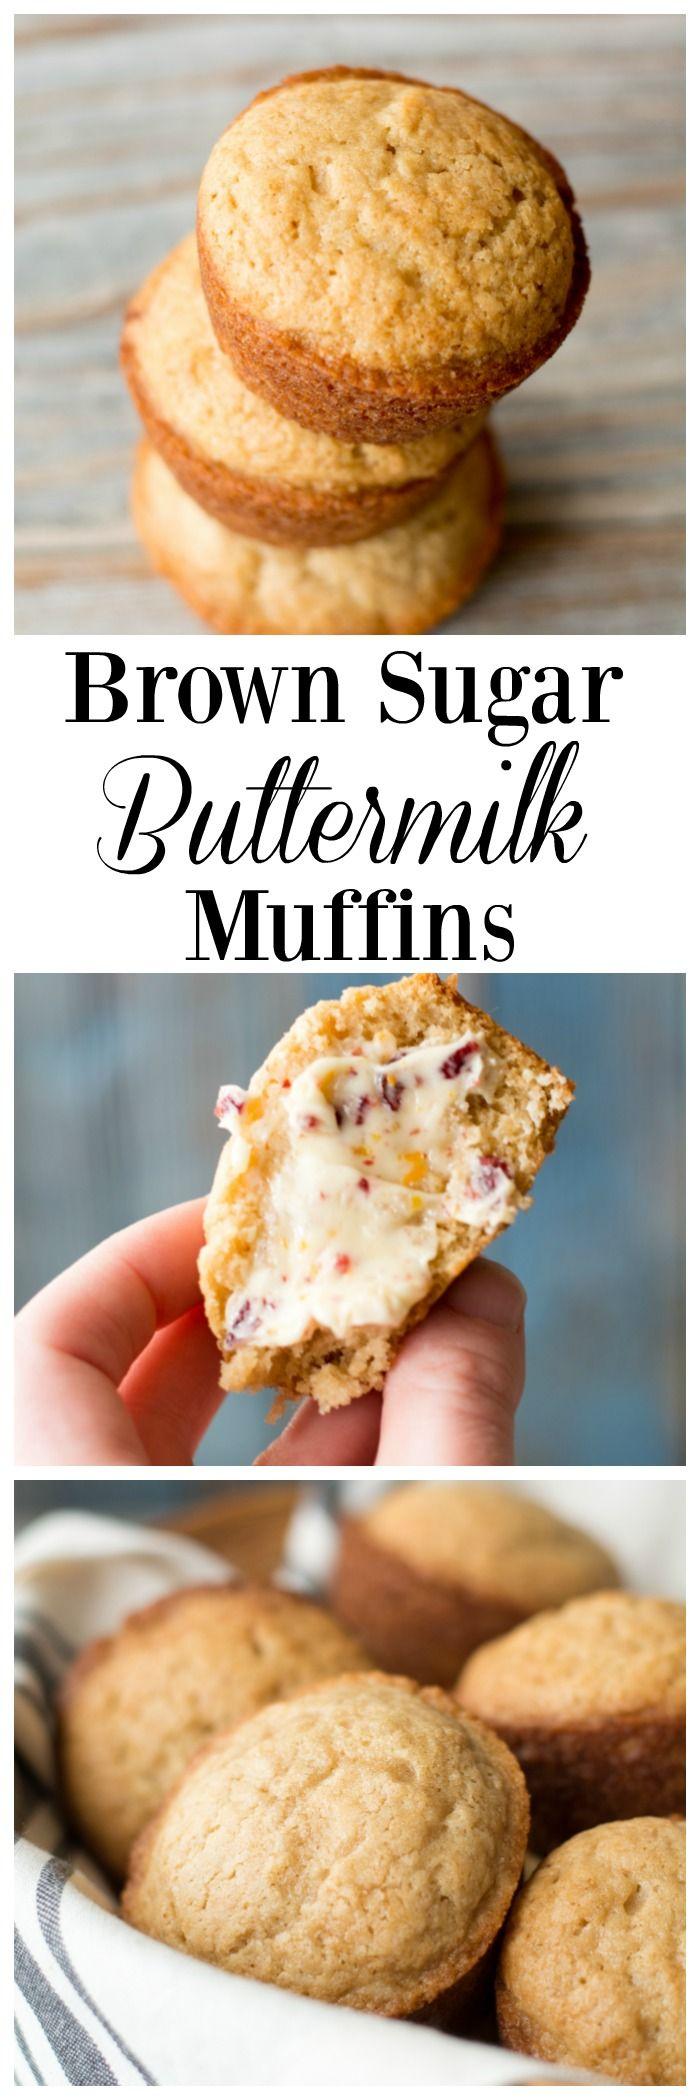 Brown Sugar Buttermilk Muffins Recipe Buttermilk Recipes Buttermilk Muffins Baking Recipes